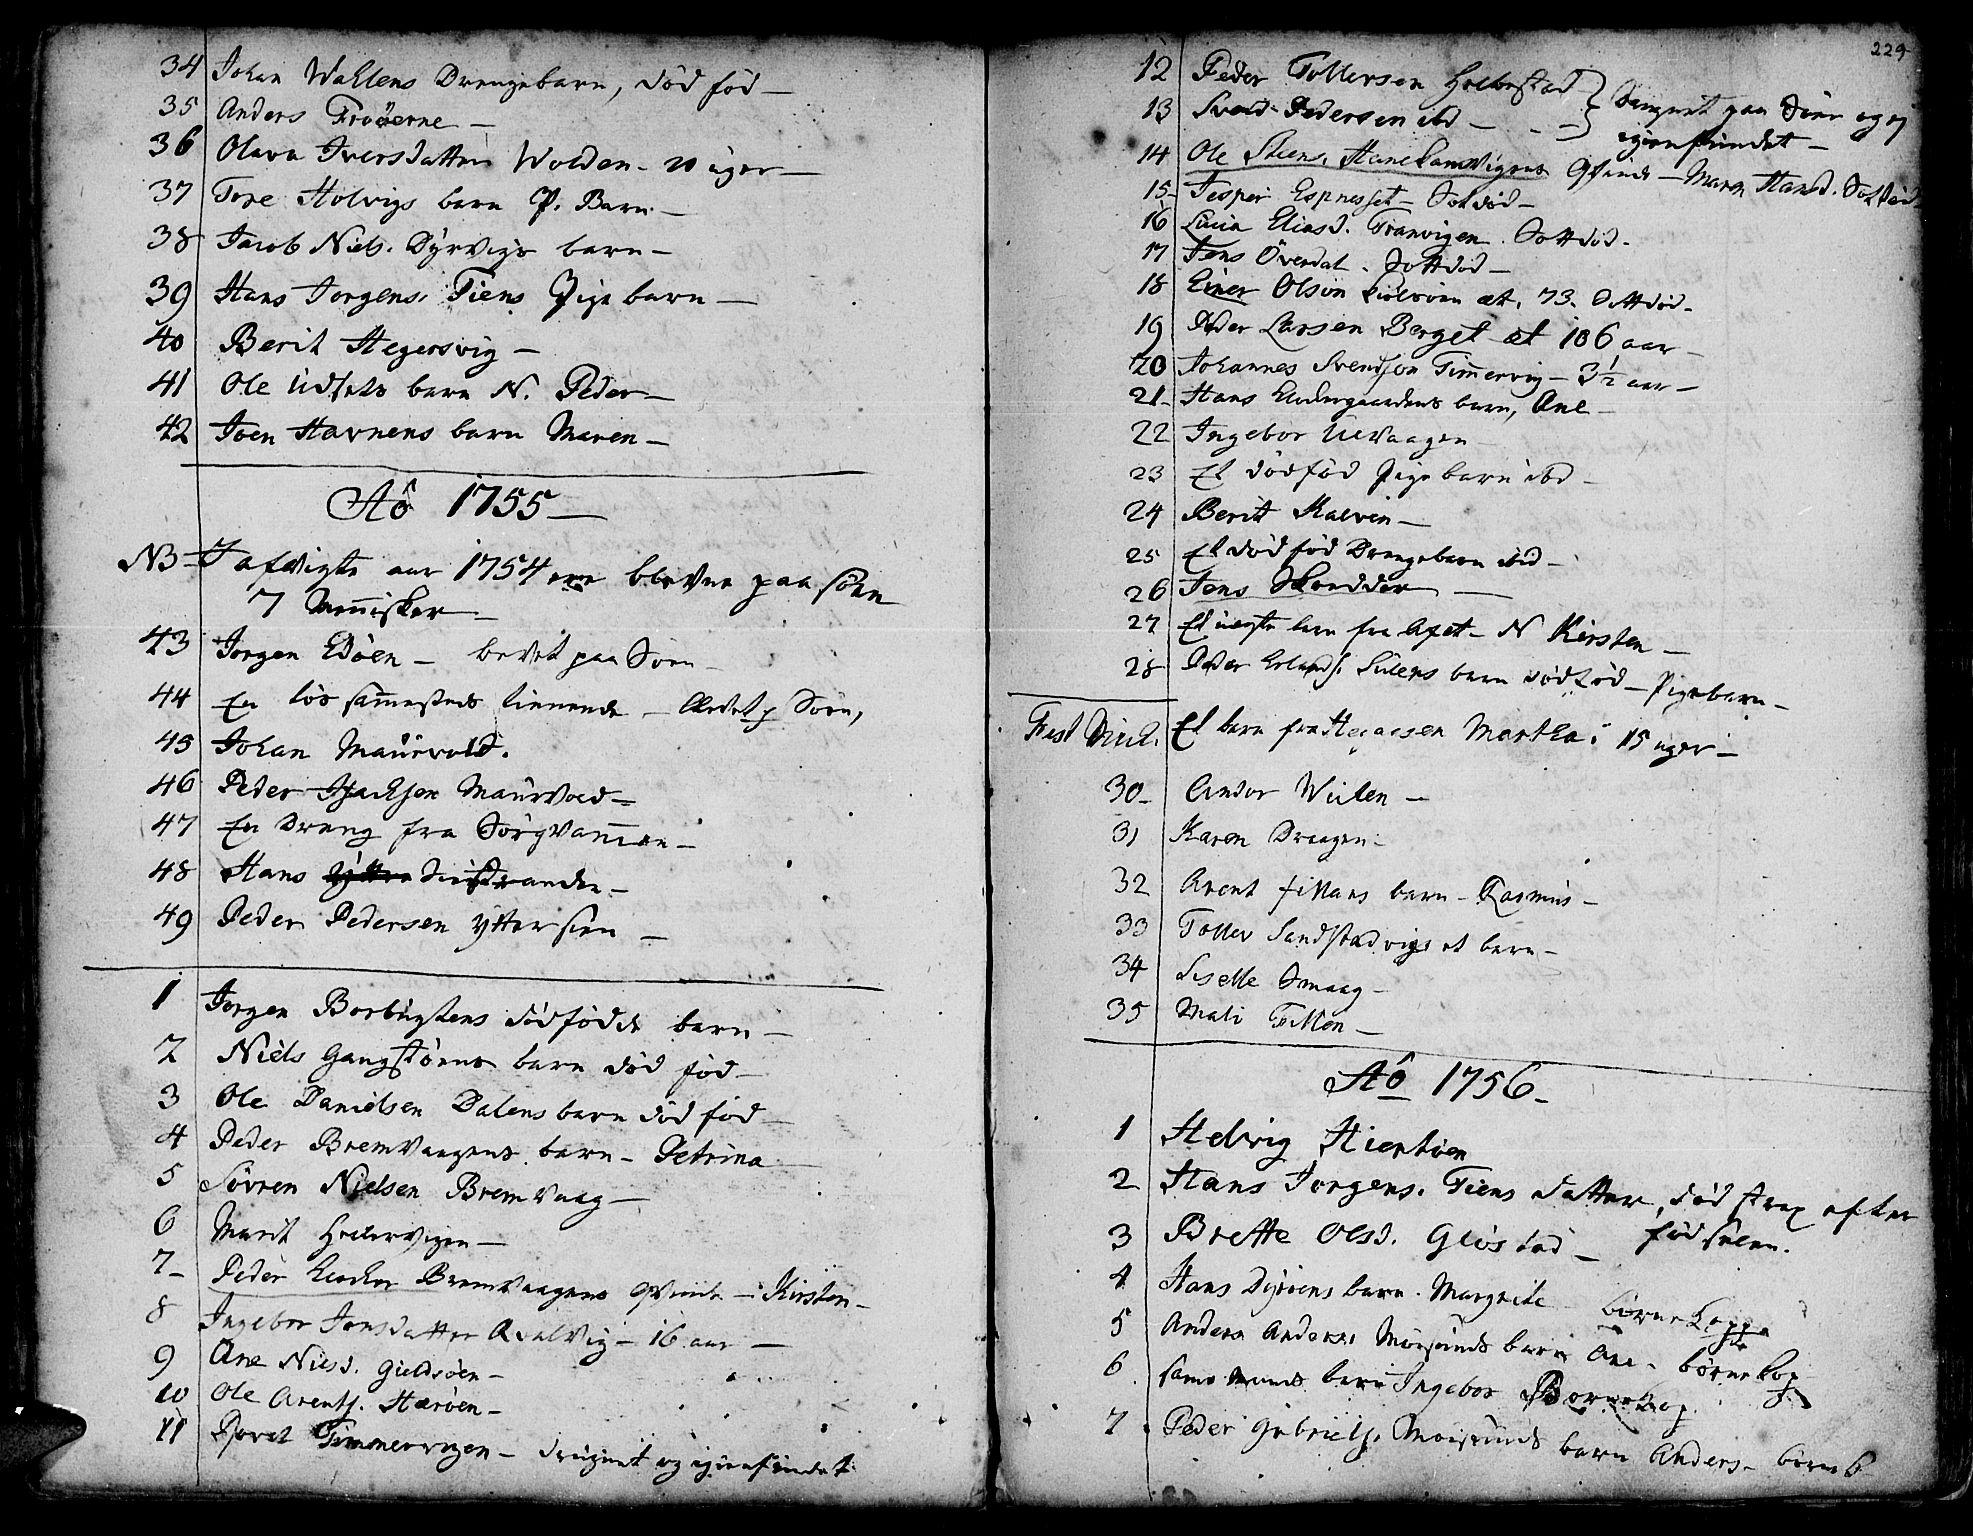 SAT, Ministerialprotokoller, klokkerbøker og fødselsregistre - Sør-Trøndelag, 634/L0525: Ministerialbok nr. 634A01, 1736-1775, s. 229